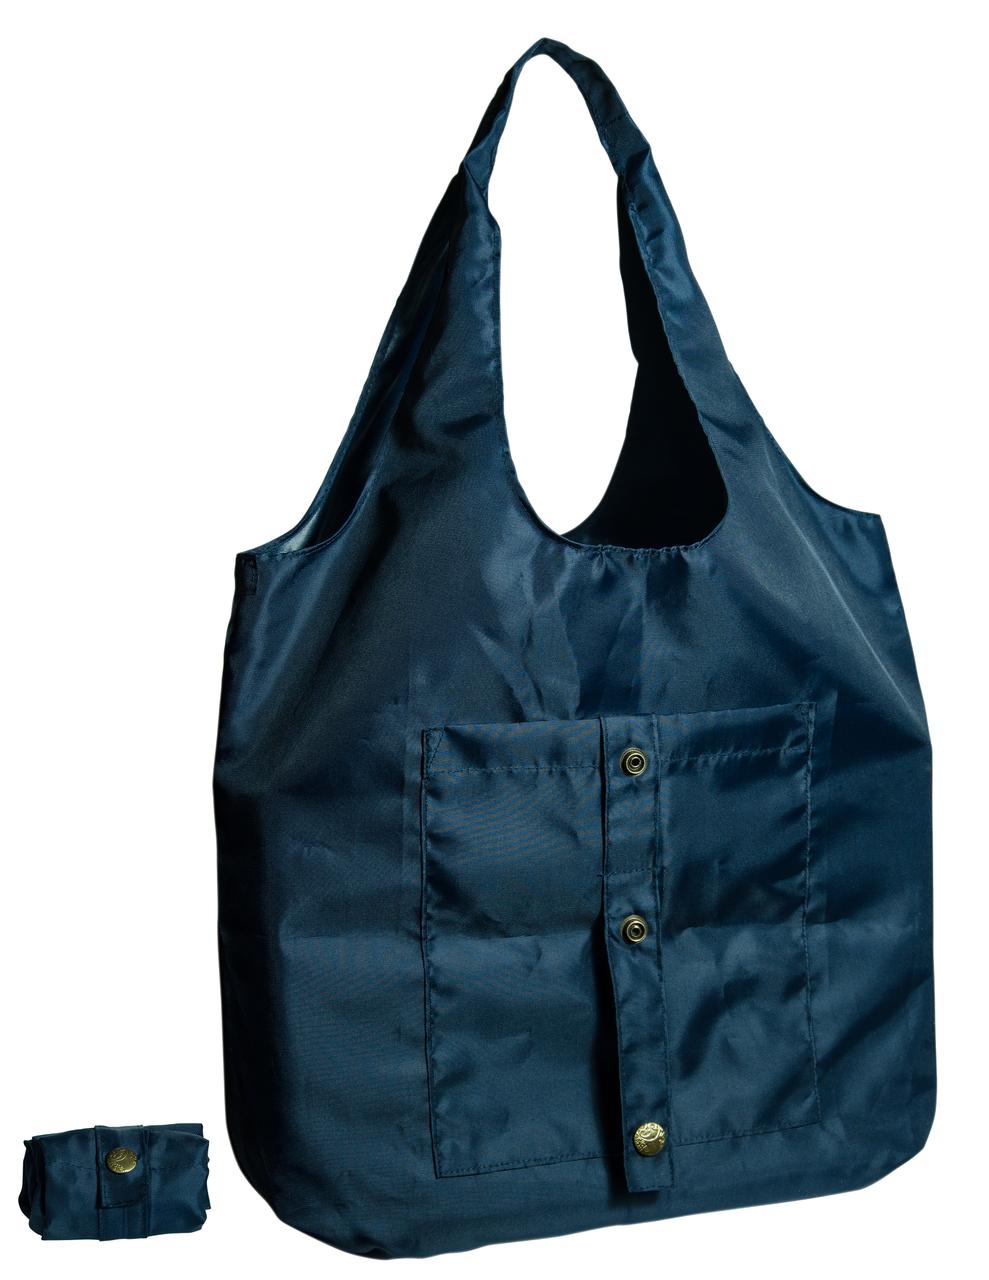 Сумка для покупок трансформер Gidra Ocean темно синяя сумка хозяйственная (Украина)